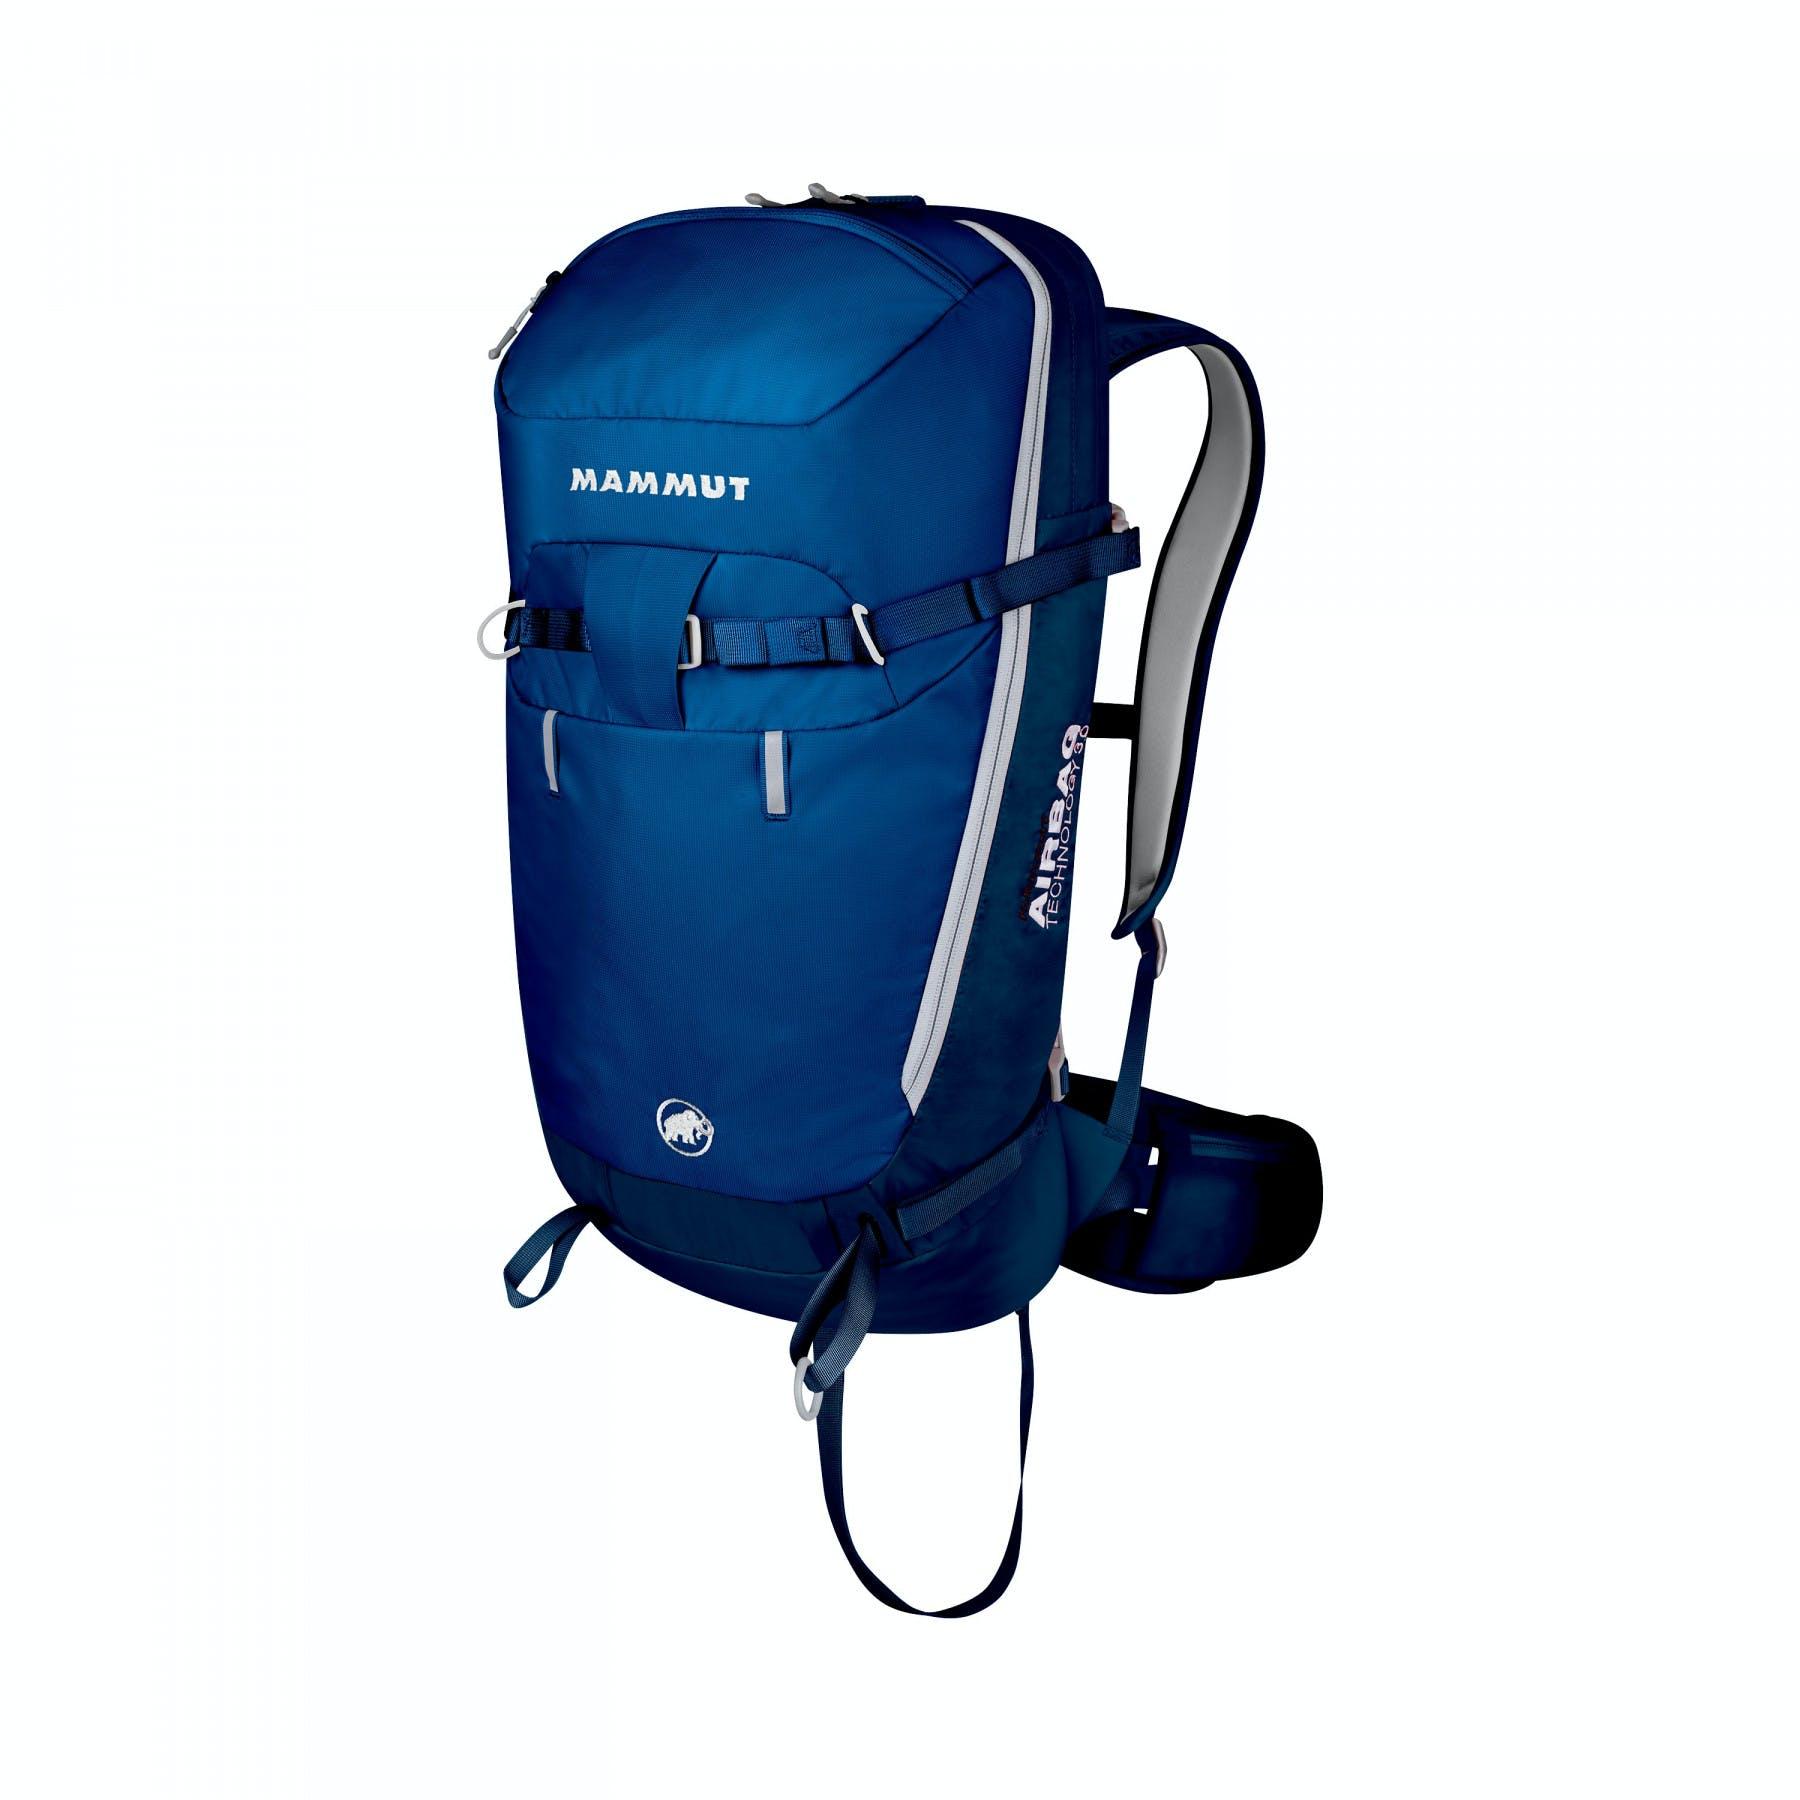 Mammut - Light BC Pack Airbag 3.0 - Ultramarine Marine